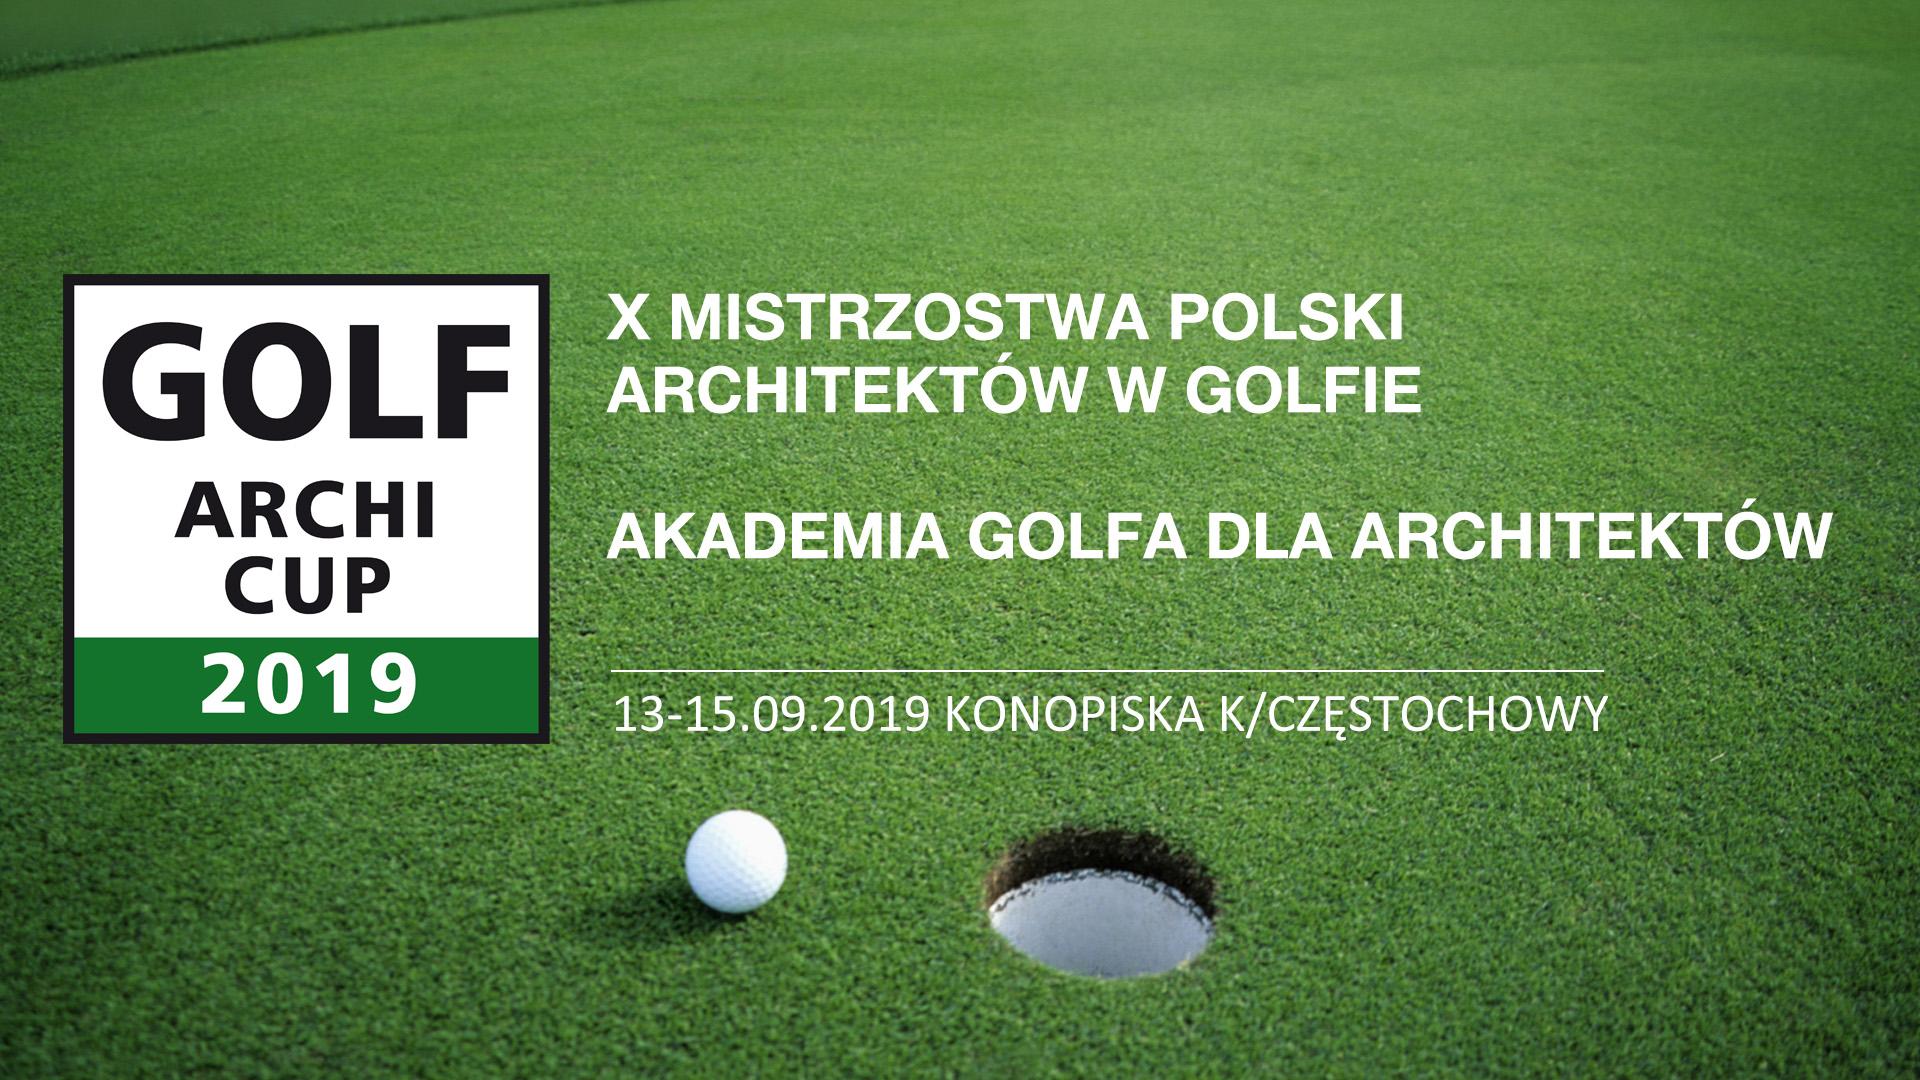 X MISTRZOSTWA POLSKI ARCHITEKTÓW W GOLFIE I AKADEMIA GOLFA DLA ARCHITEKTÓW – GOLF ARCHI CUP 2019